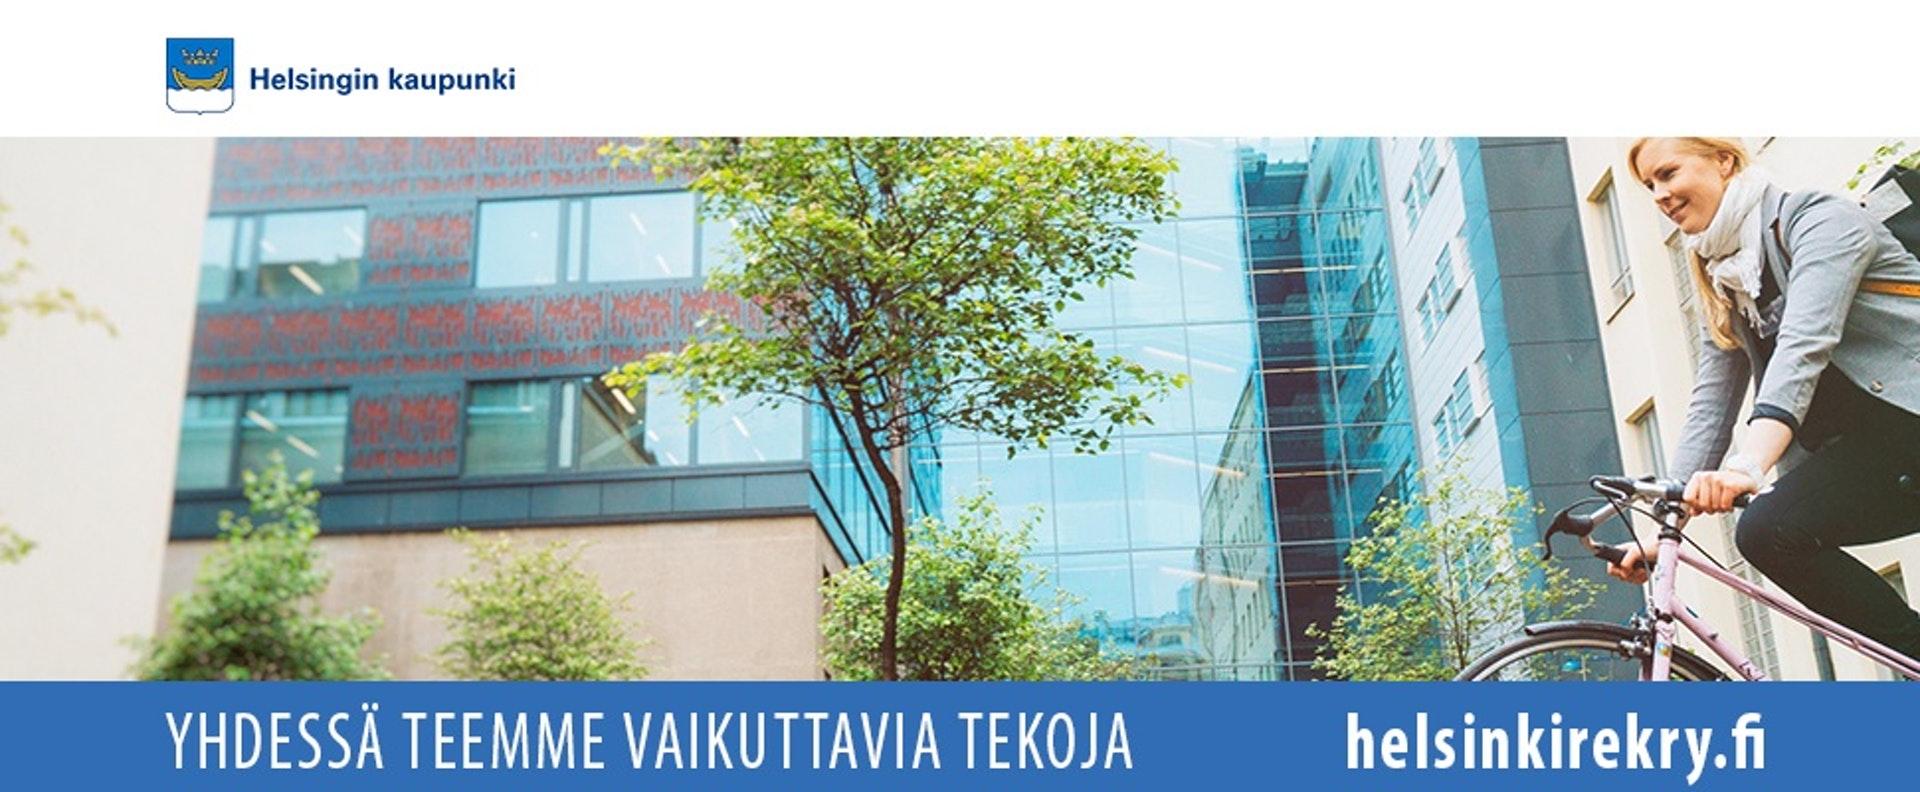 Banner Henkilöstöyksikkö / co Helsingin kaupunki